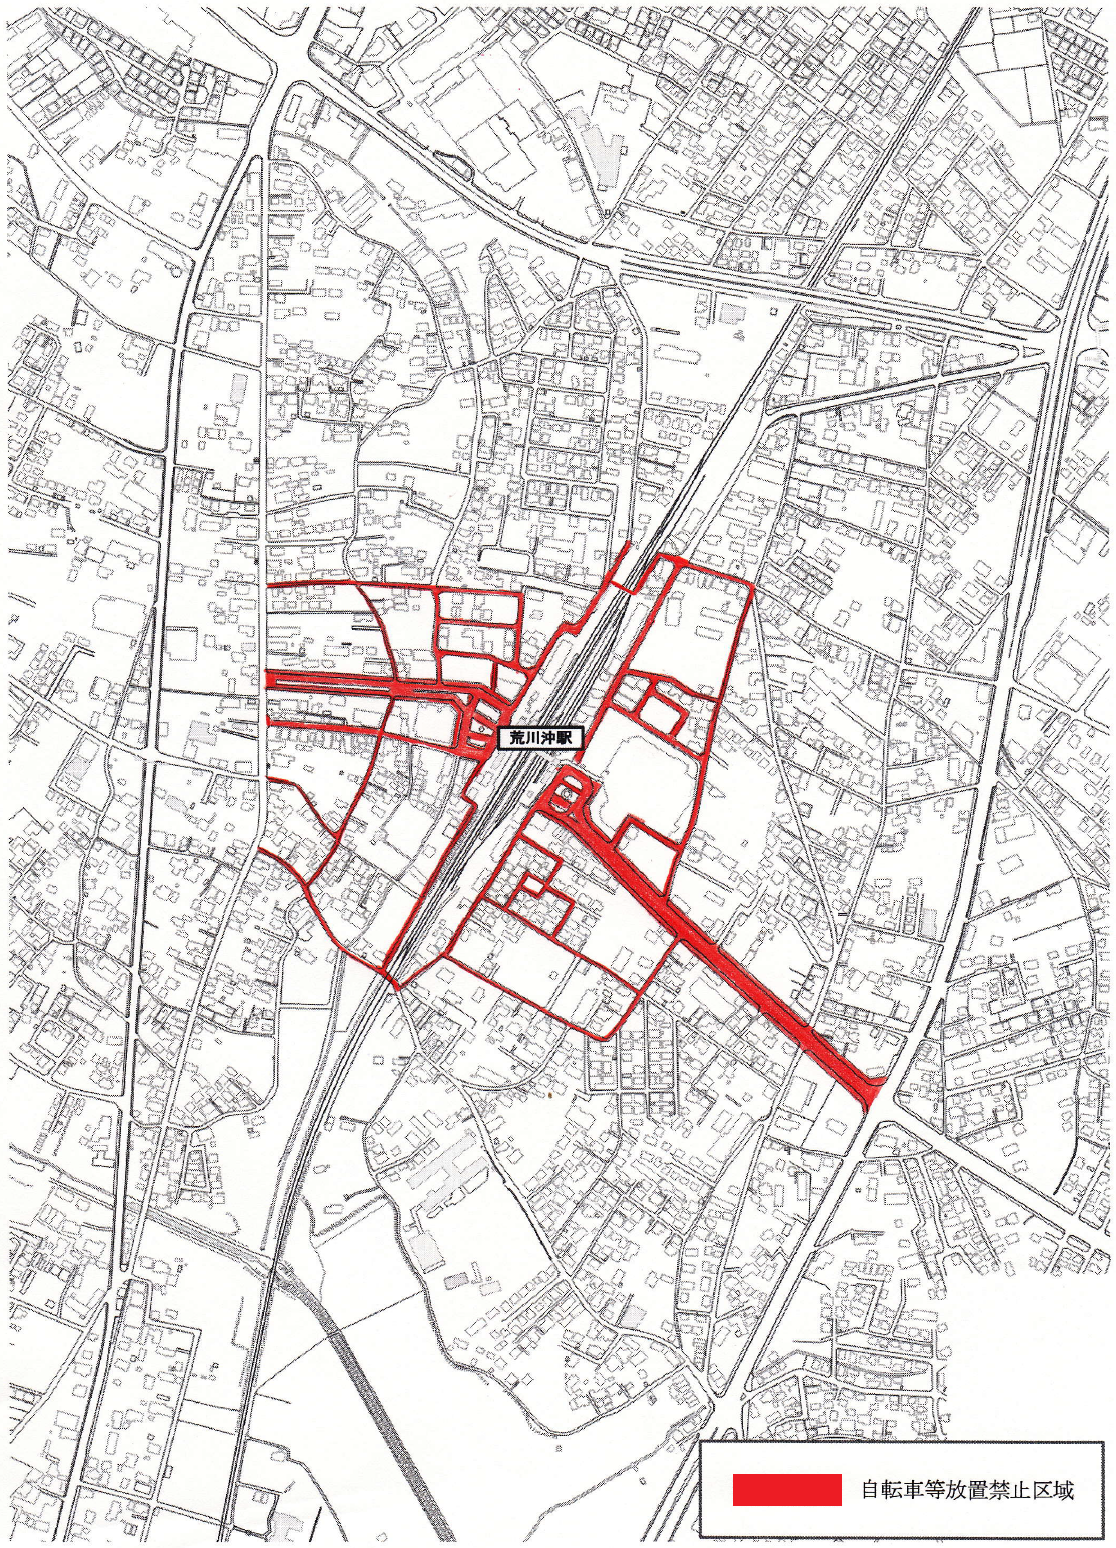 『『荒川沖駅駐車禁止区域』の画像』の画像